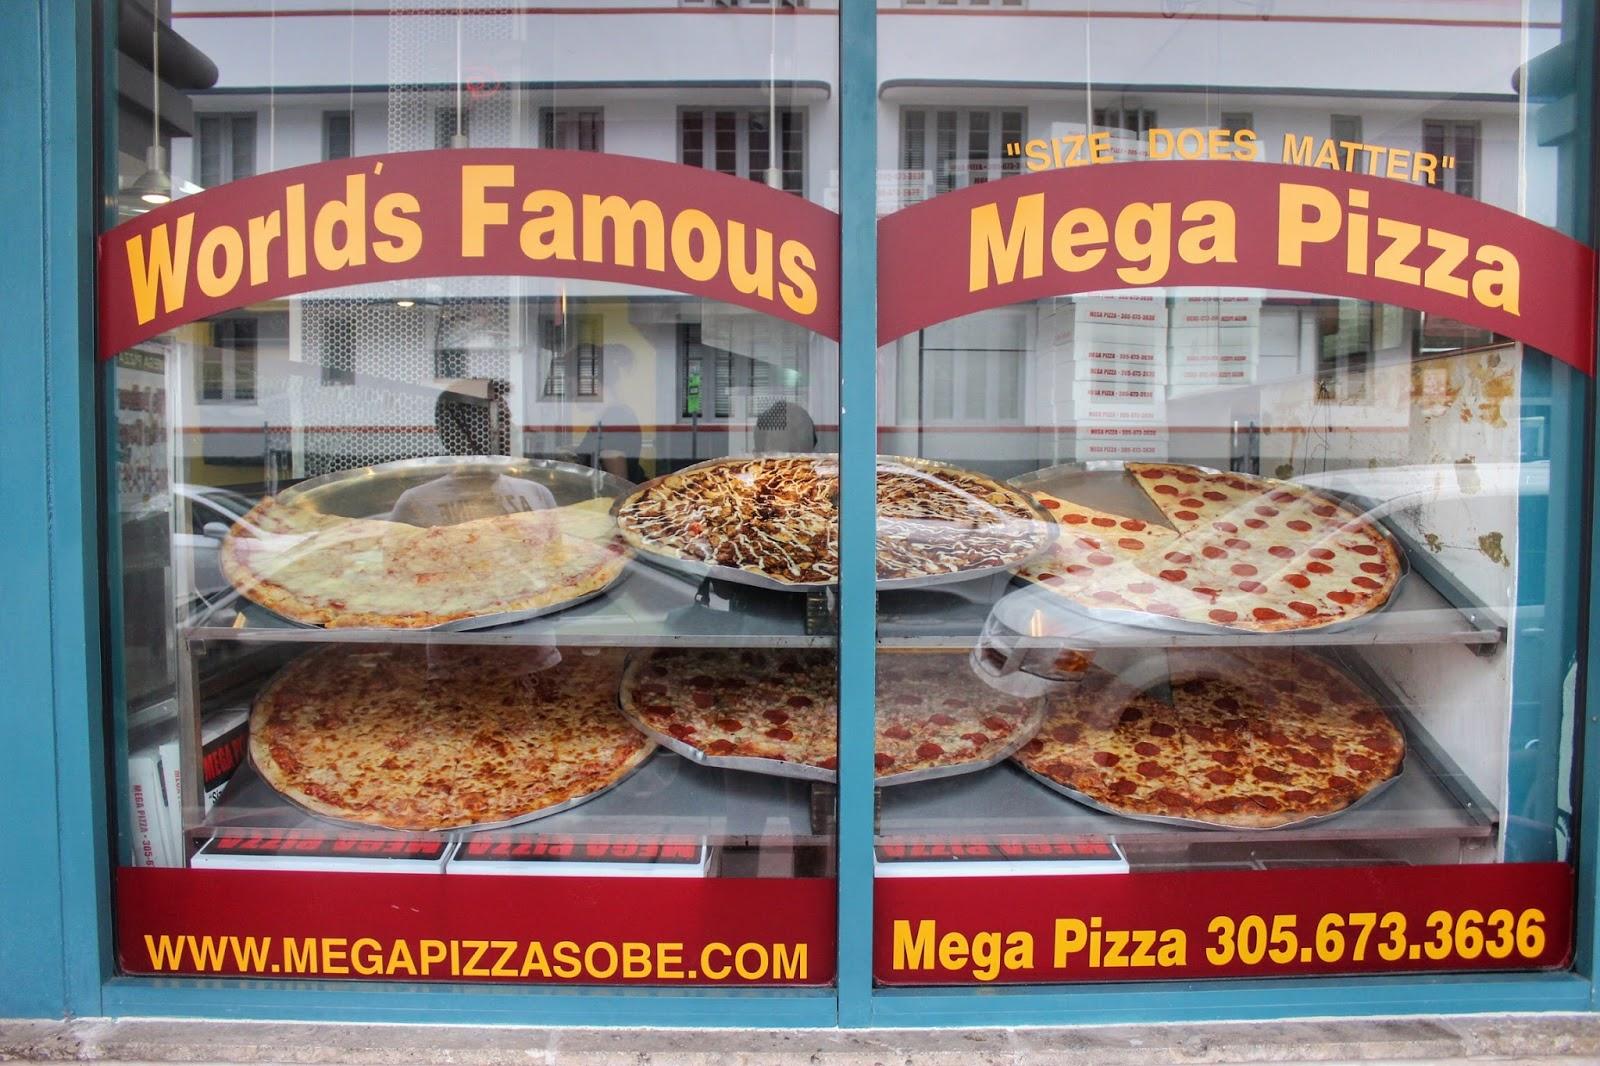 lifesthayle-miami-photodiary-mega-pizza-details.jpg